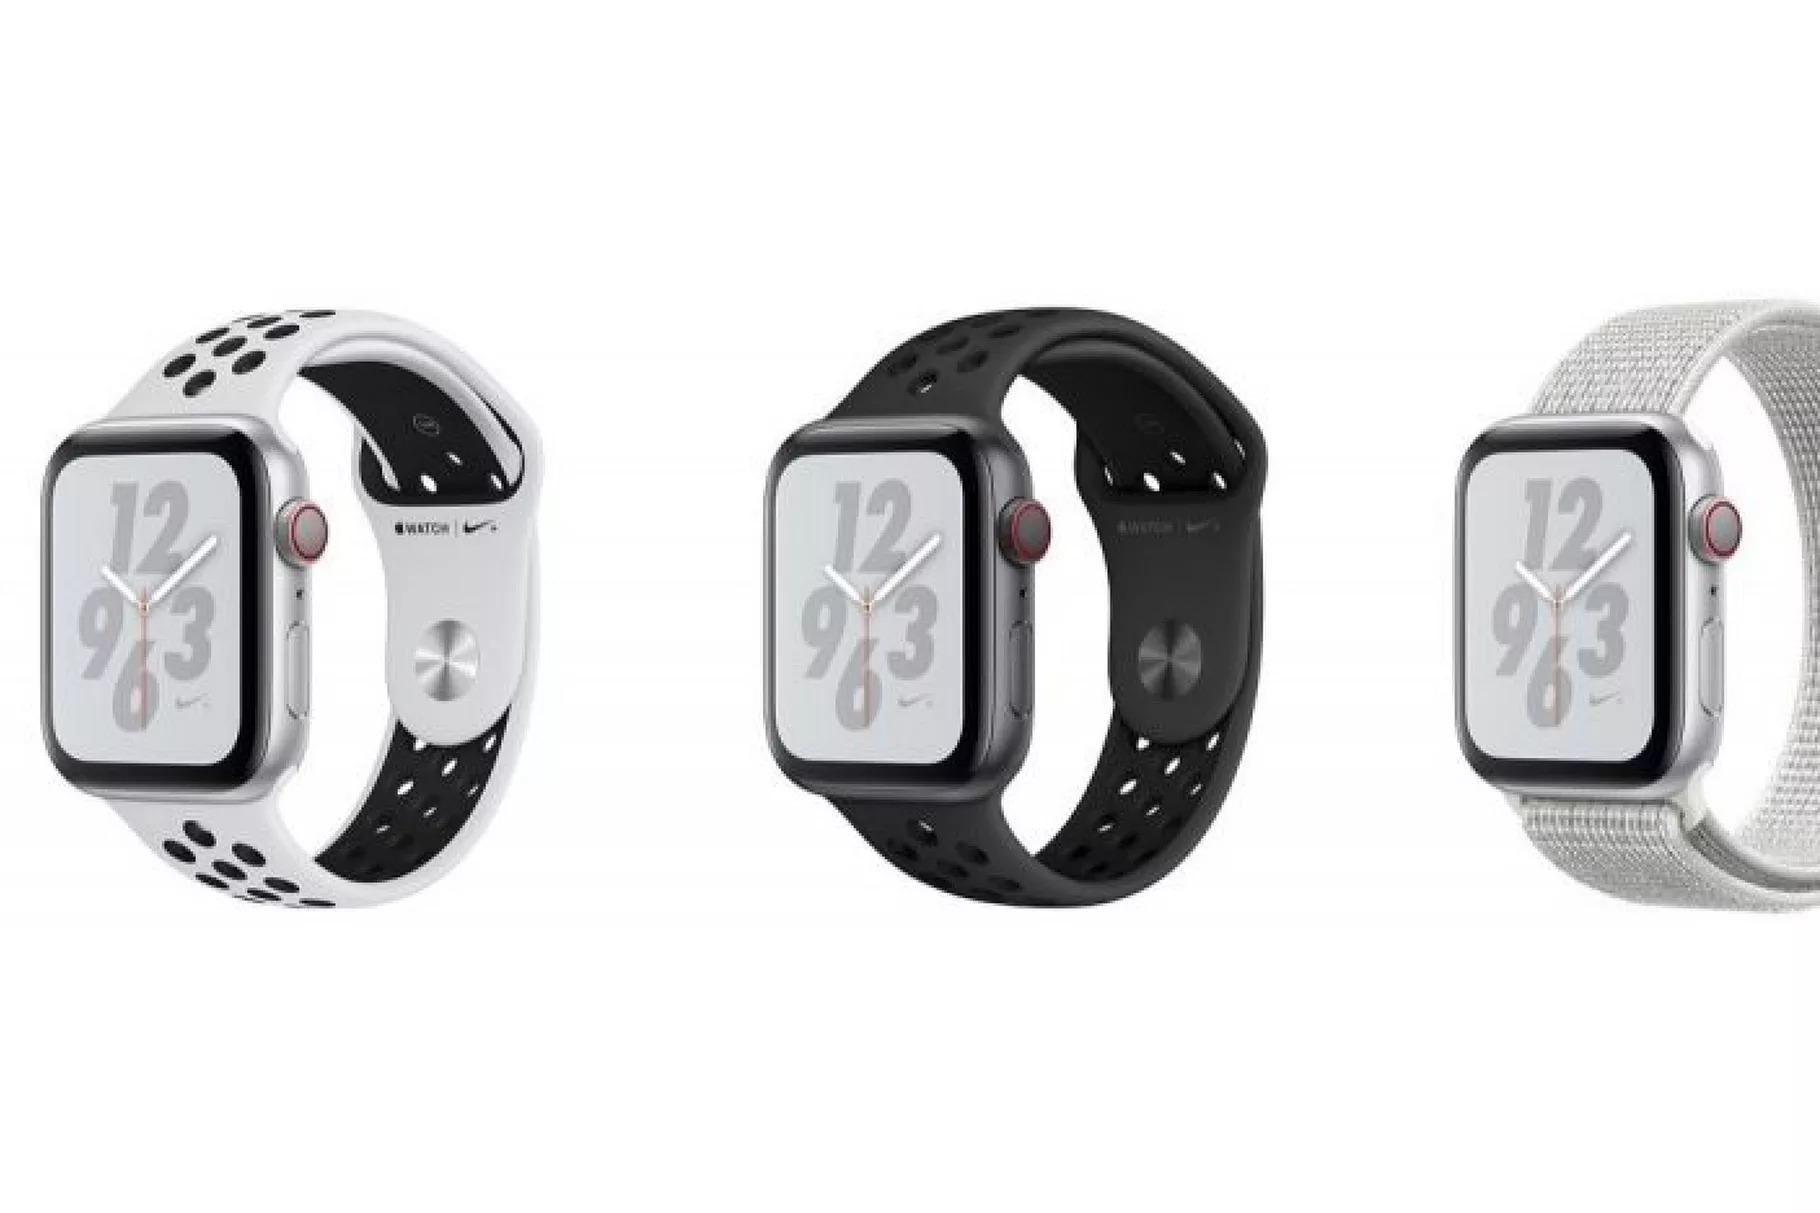 Apple Watch Nike+ Series 4 yurt dışında satışa çıktı